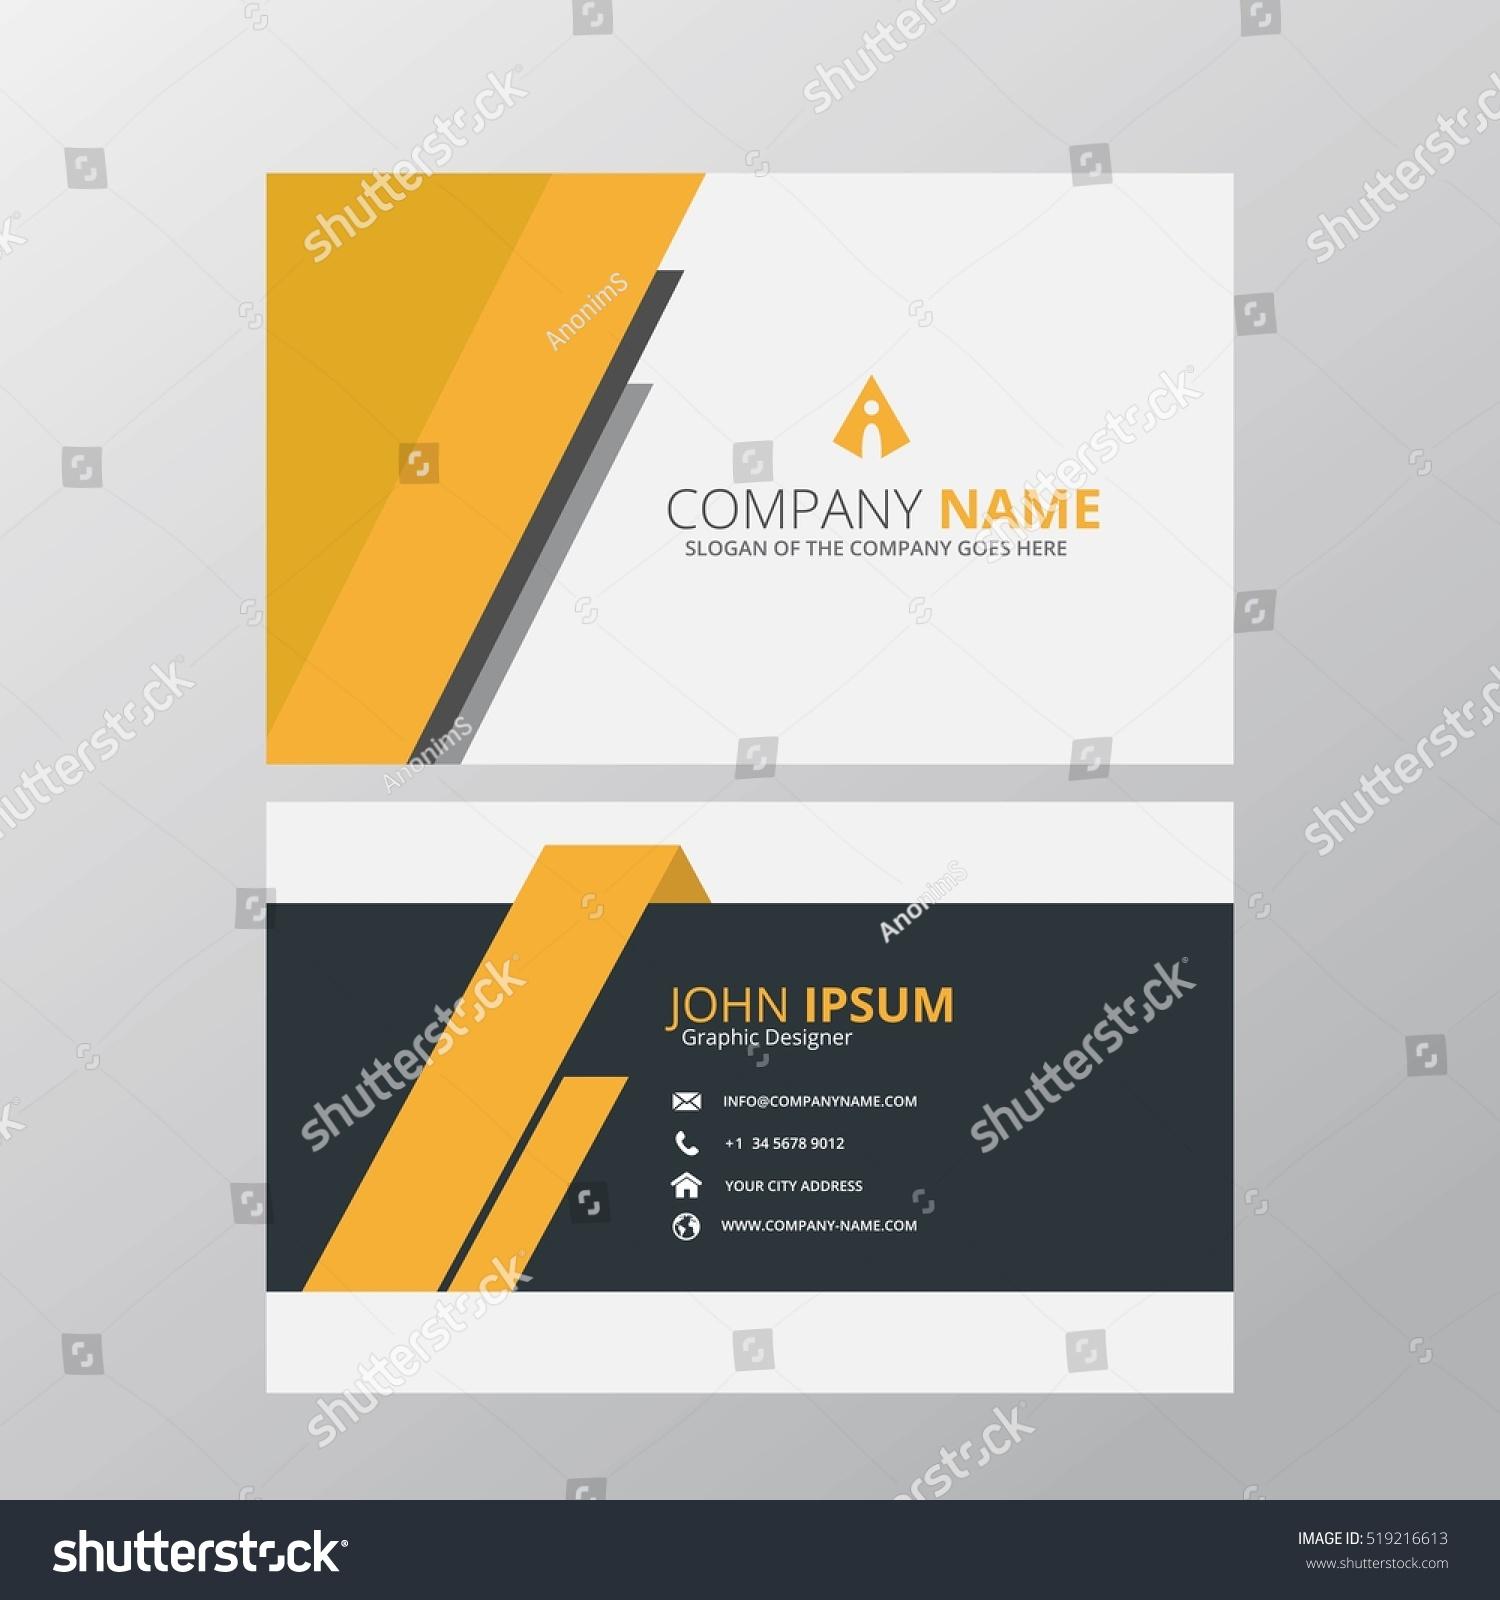 business card website template eliolera